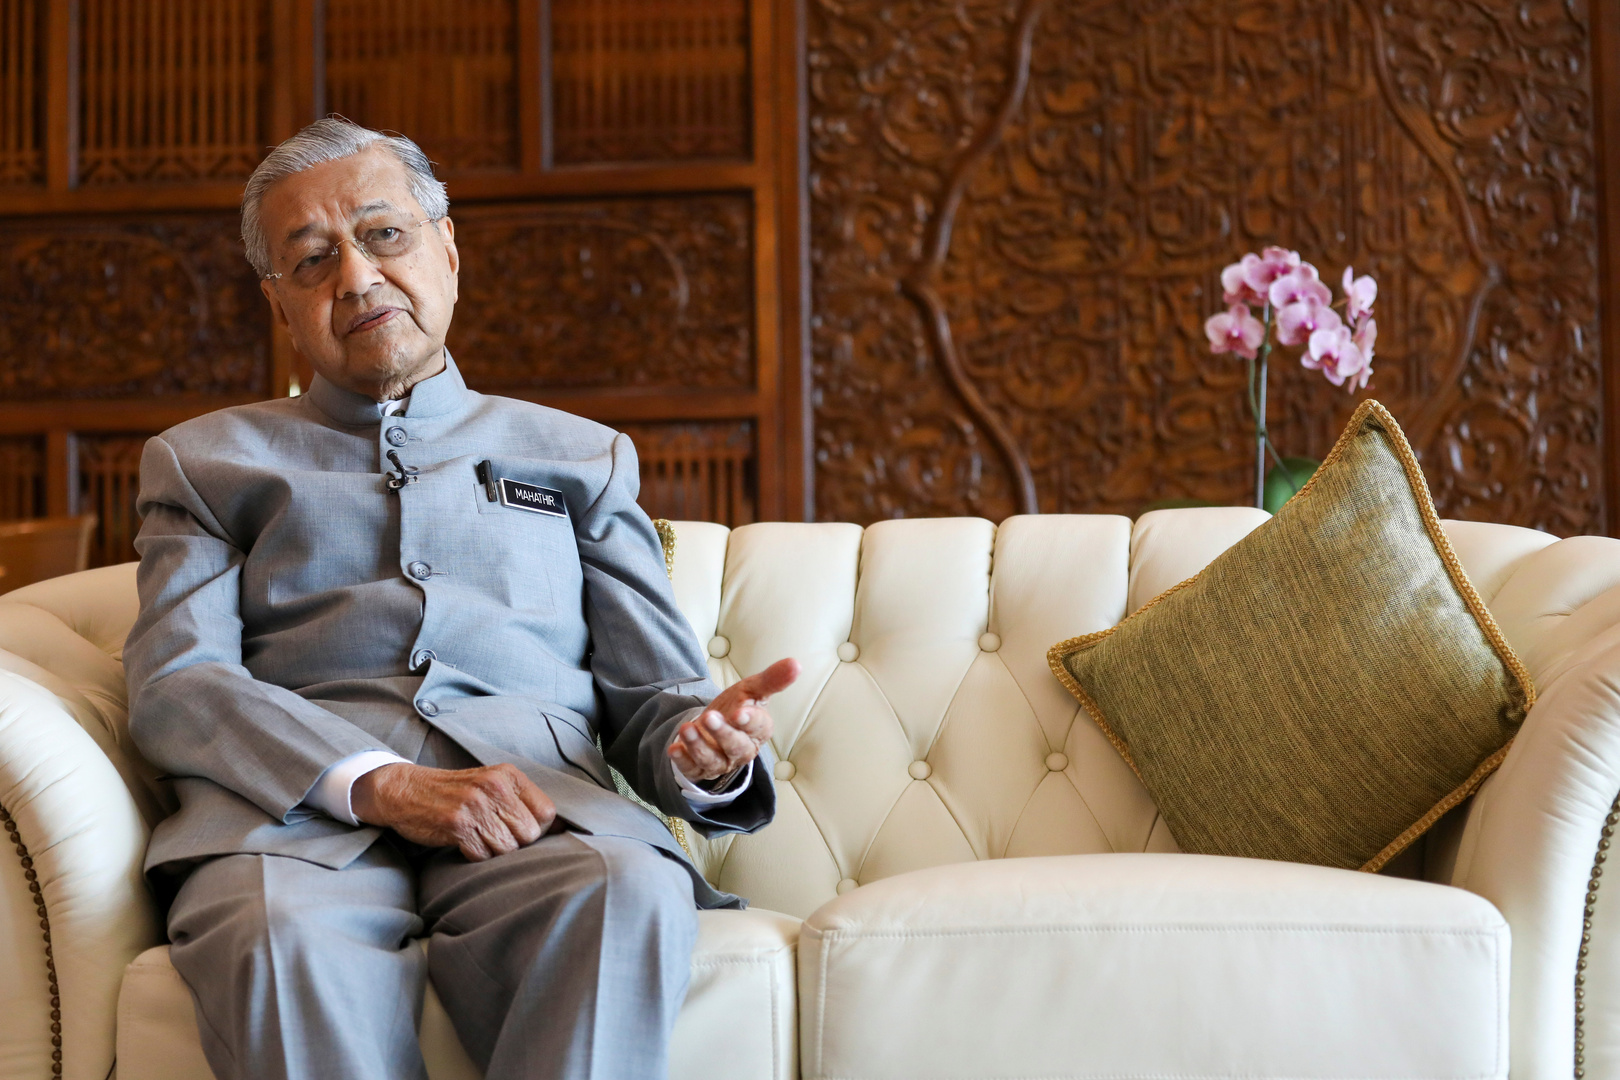 مهاتير يتعهد بترك رئاسة وزراء ماليزيا لأنور لكن ليس قبل قمة